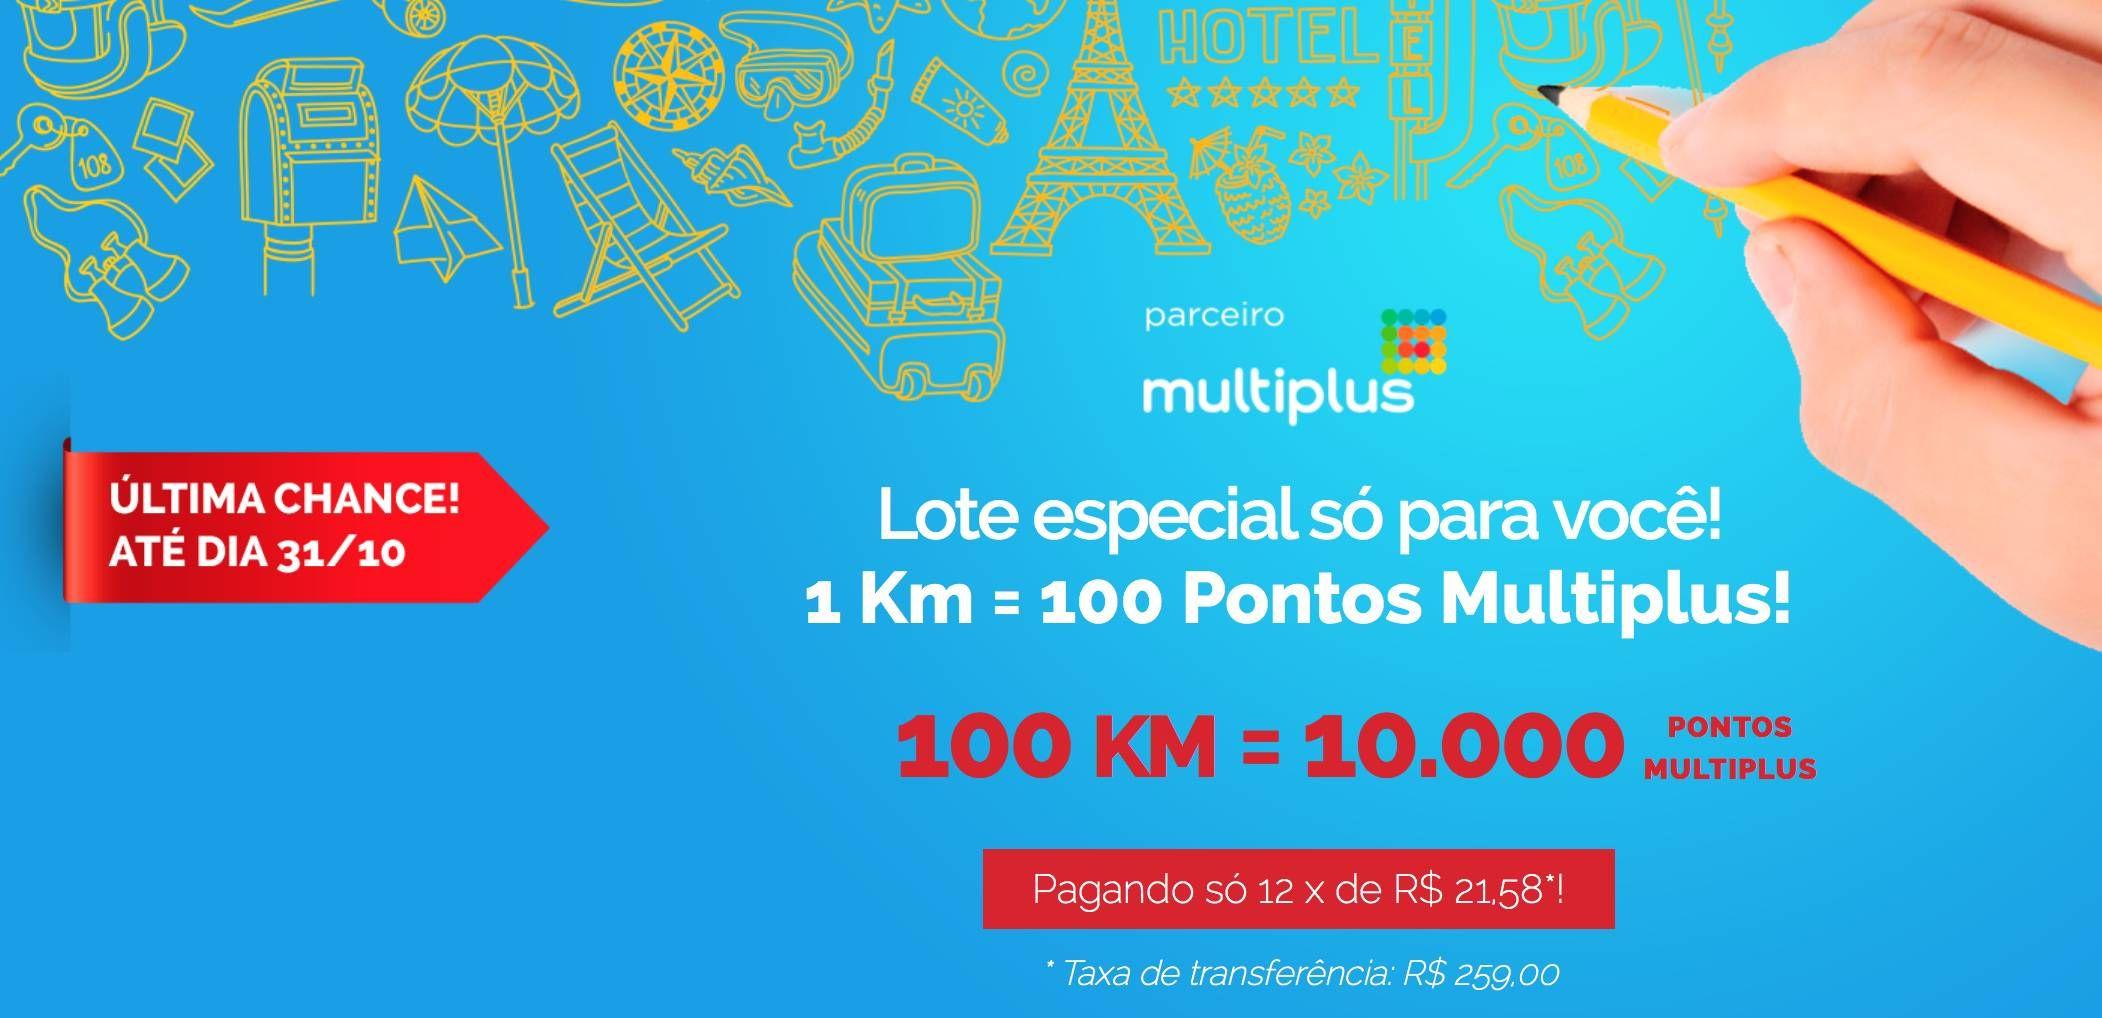 KM de Vantagens começa a liberar para mais clientes lote de transferência promocional p/ Multiplus